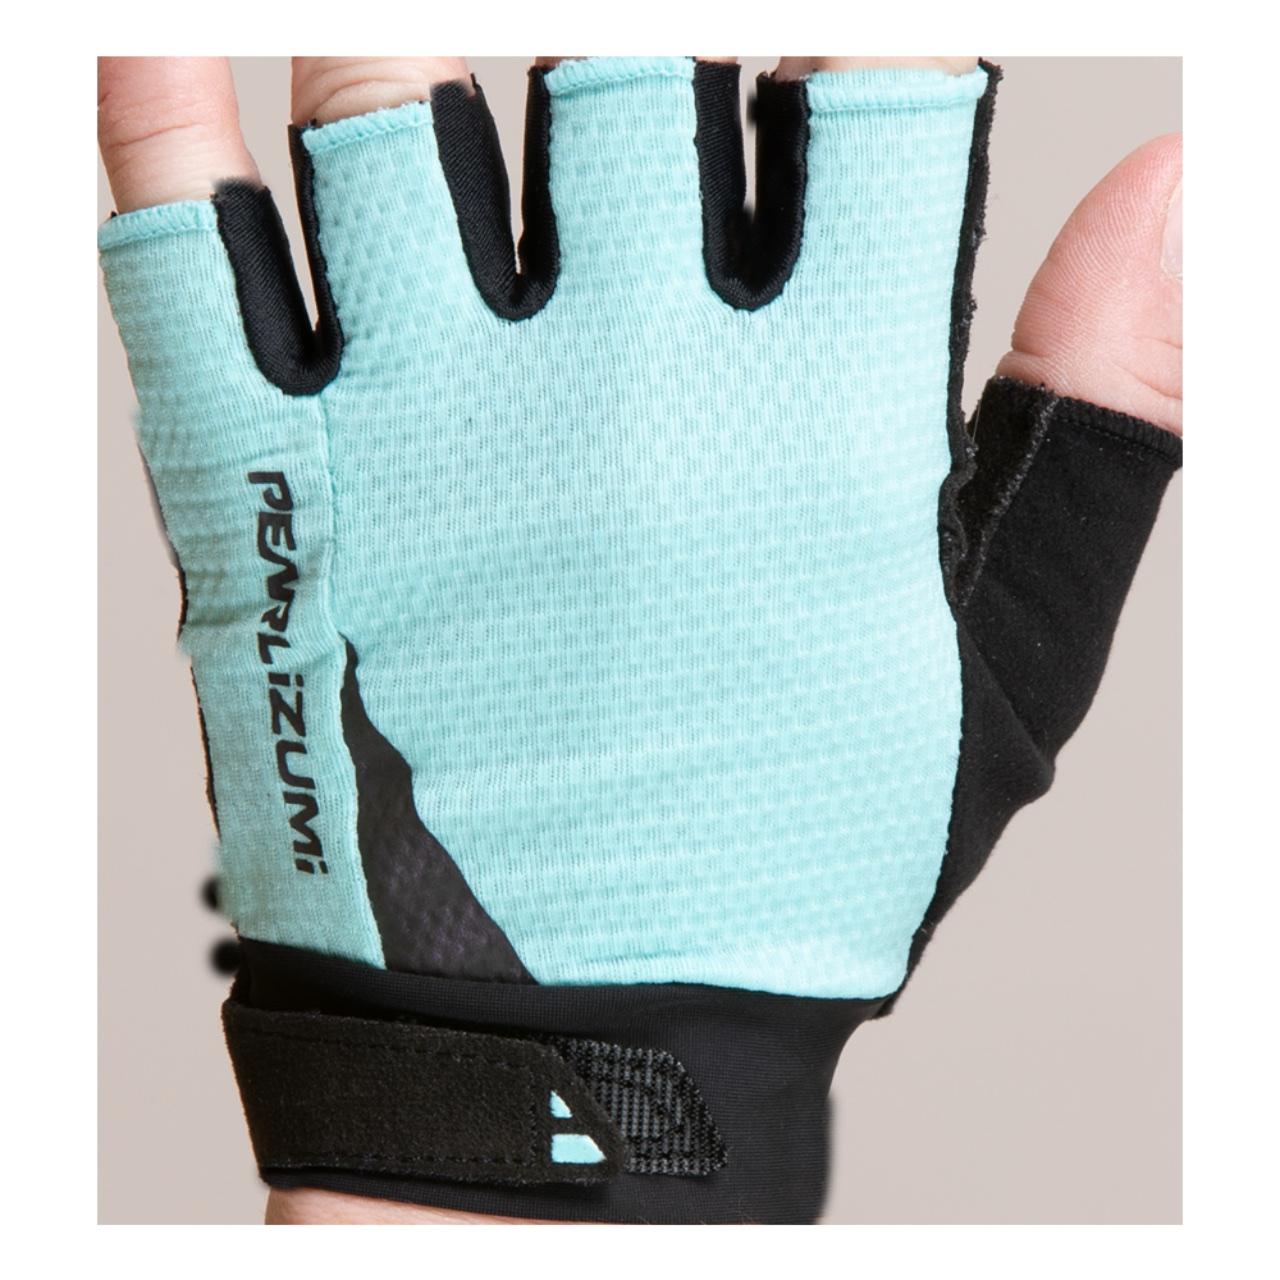 ποδηλατικά ρούχα - γάντια